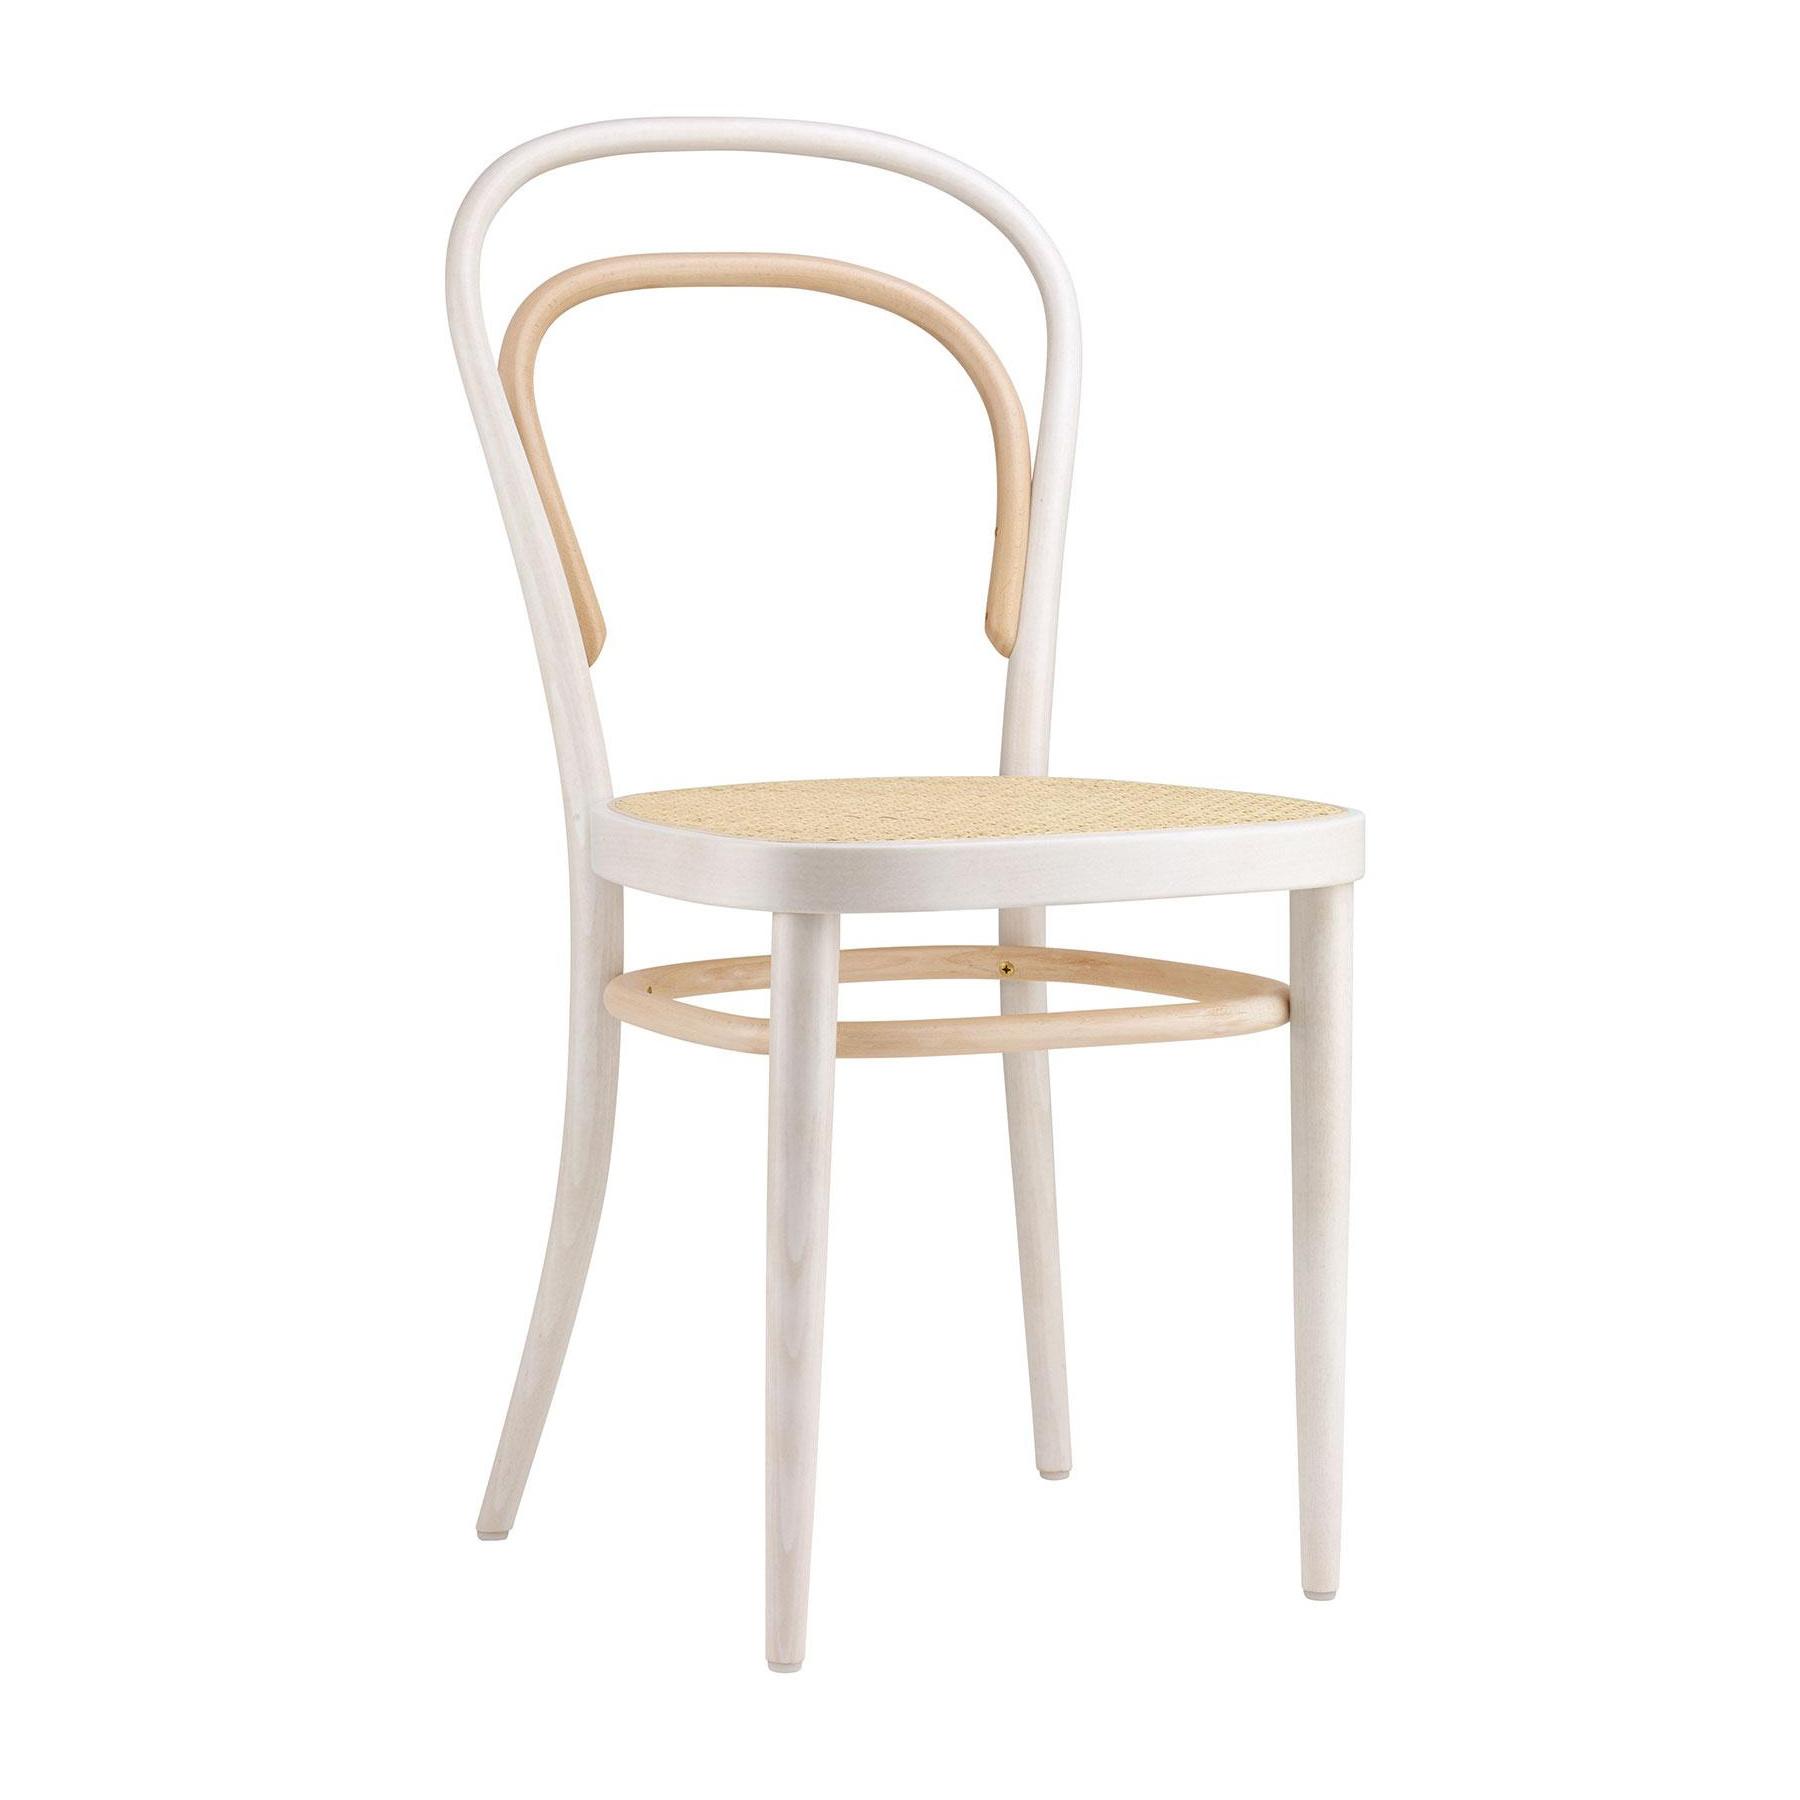 Thonet - Jubiläumsedition 214 Two Tone Bugholzstuhl - weiß/Rohrgeflecht mit Netzverstärkung/BxHxT 43x84x52cm/Gestell Buche gebeizt | Küche und Esszimmer > Stühle und Hocker > Holzstühle | Thonet